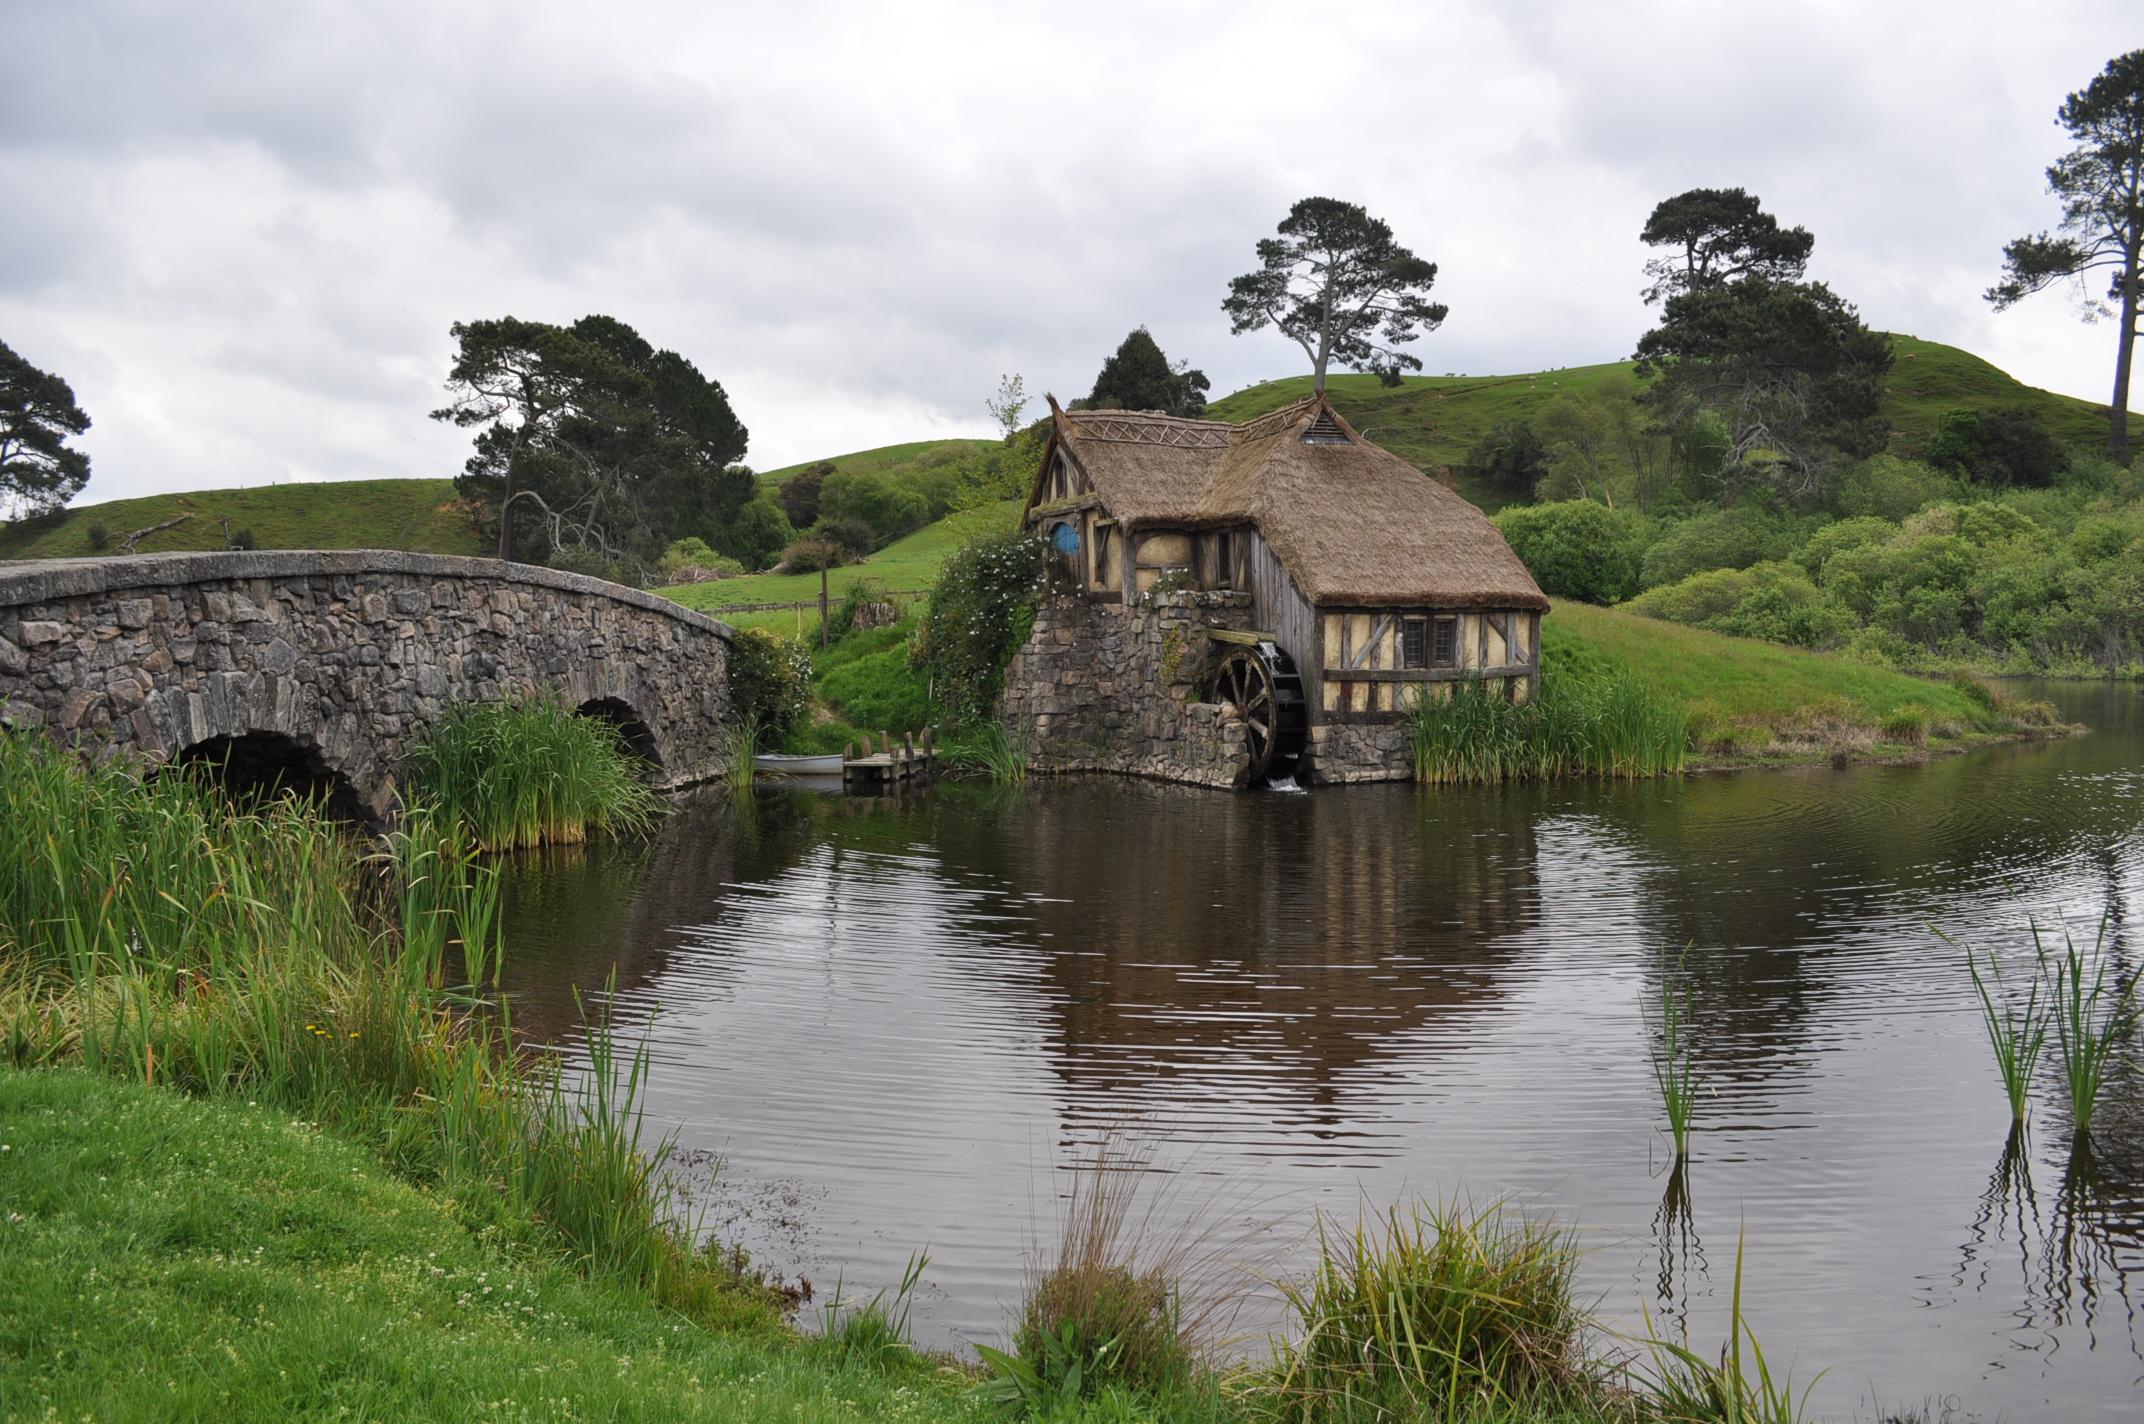 shire in NZ by iRISSIEL on DeviantArt